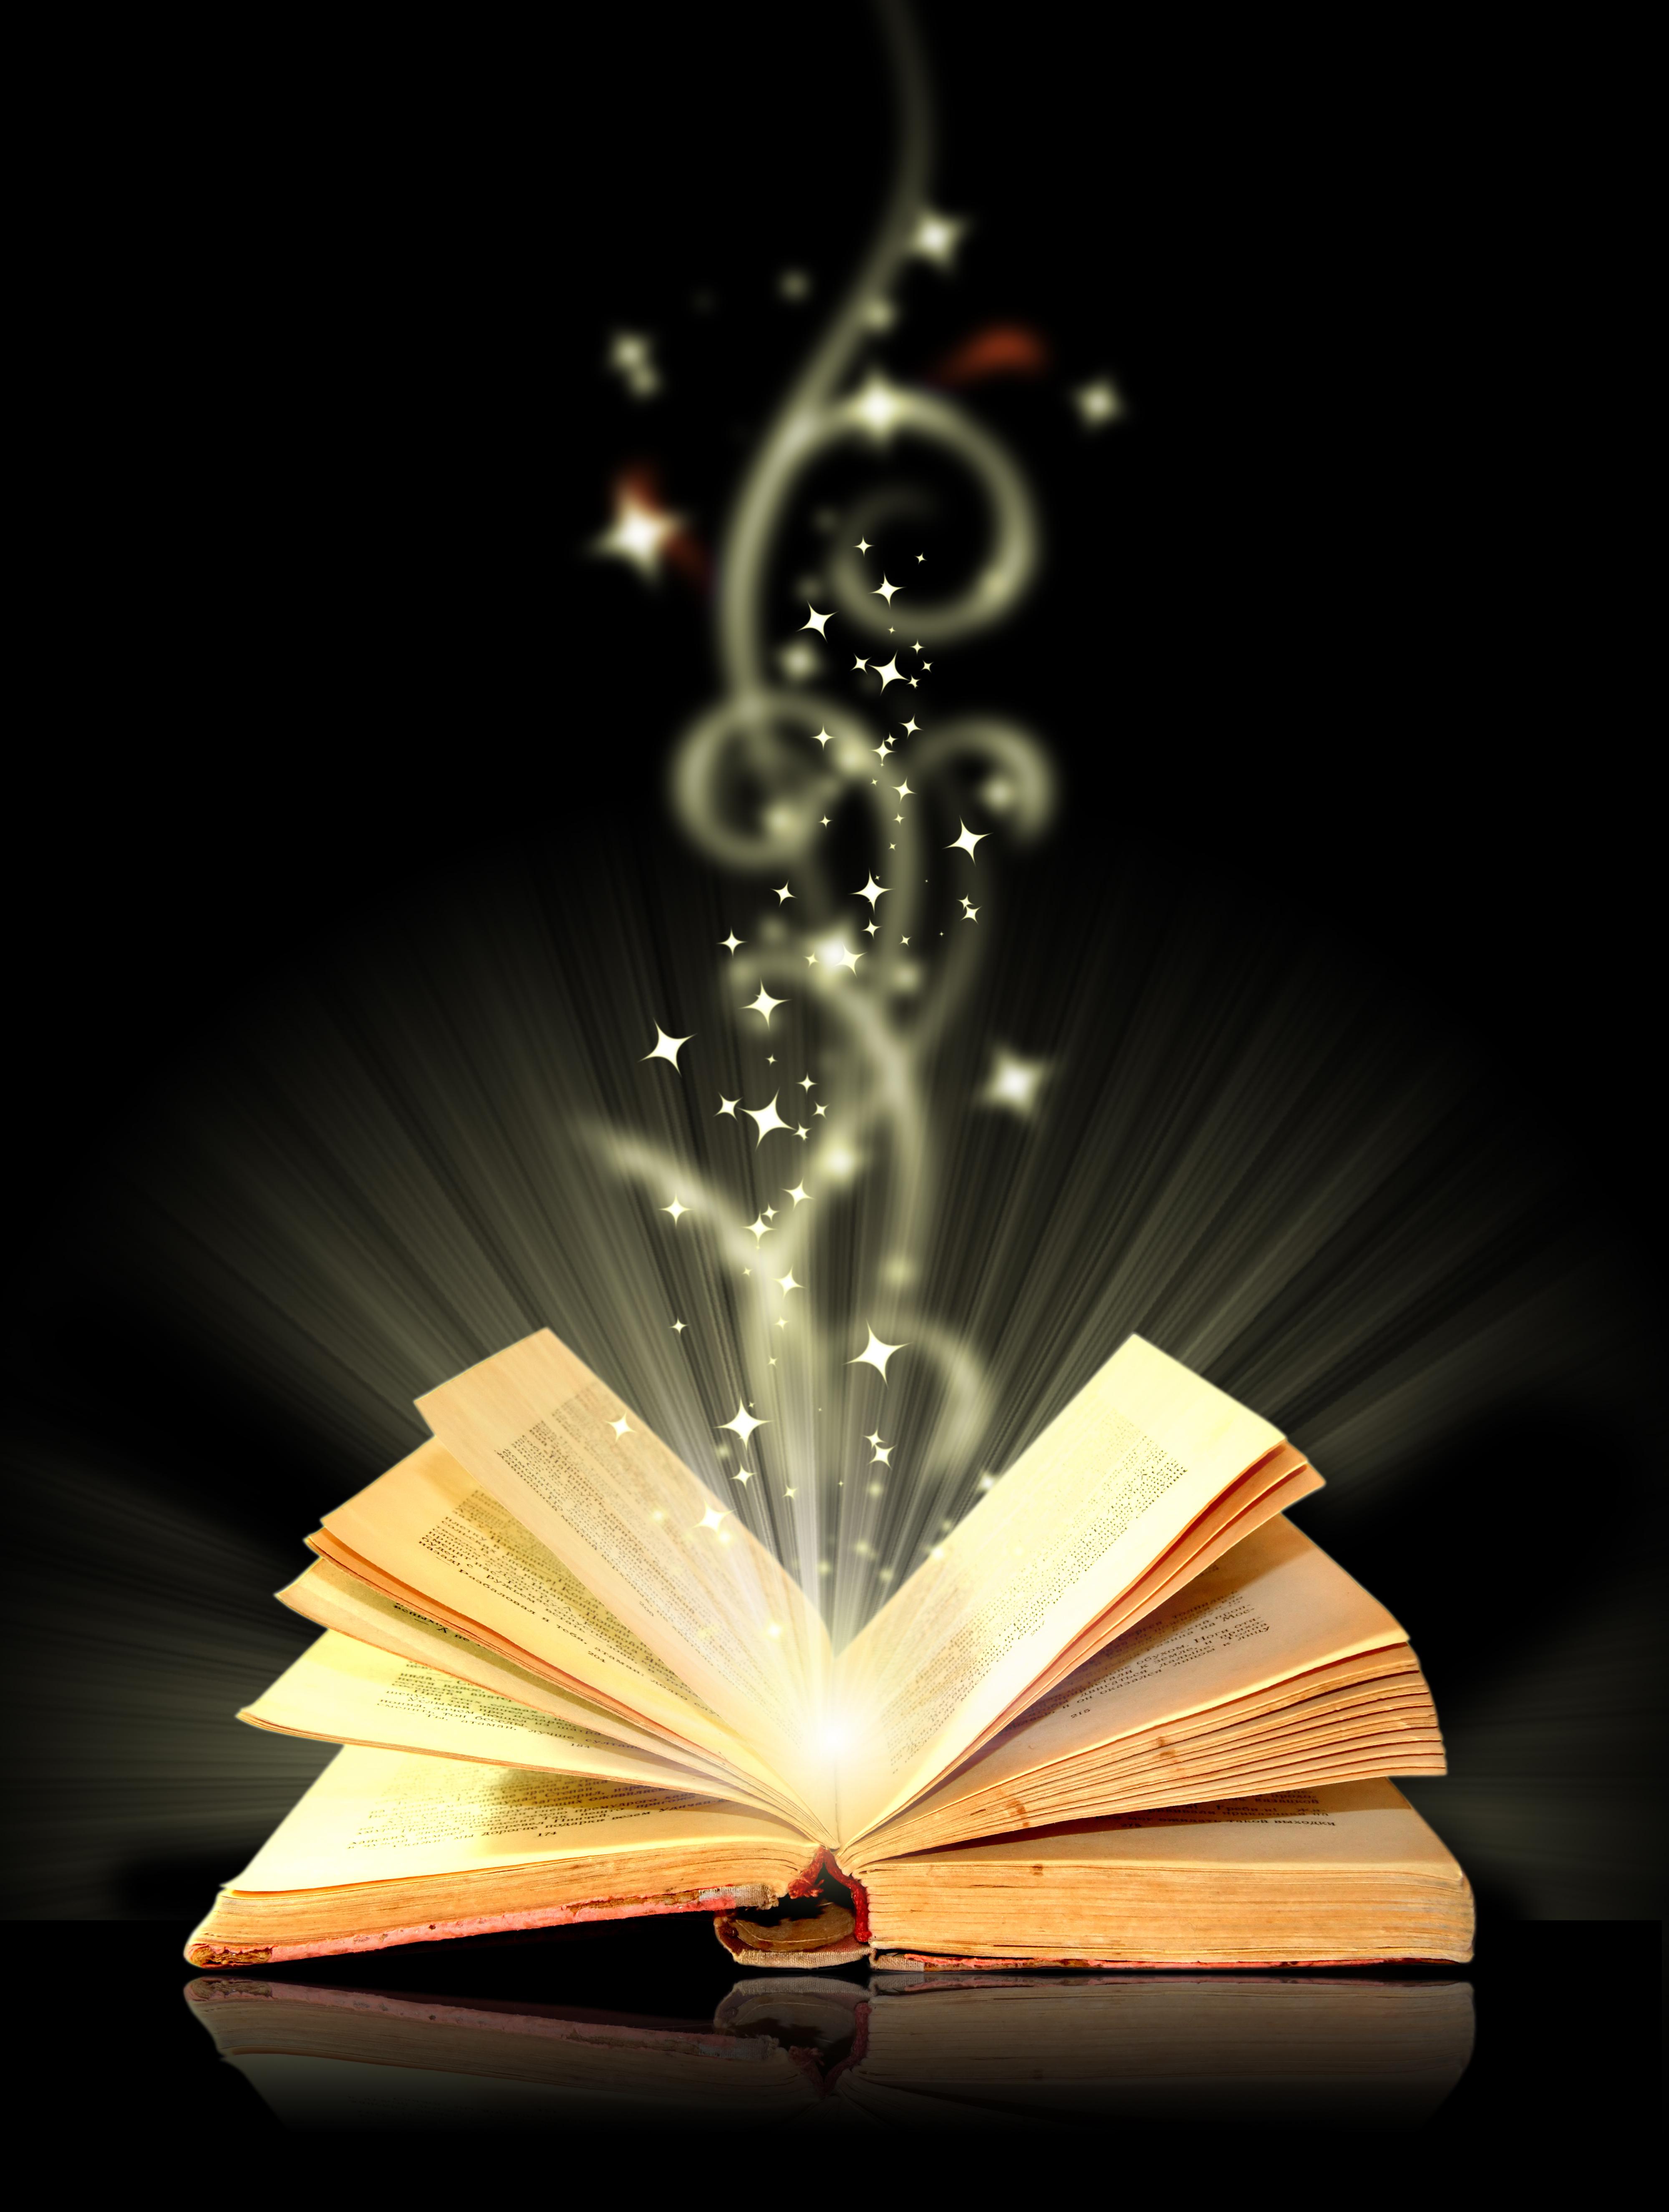 le livre de magie de mat u00e9riau de fond le livre magique de la lumi u00e8re livres image de fond pour